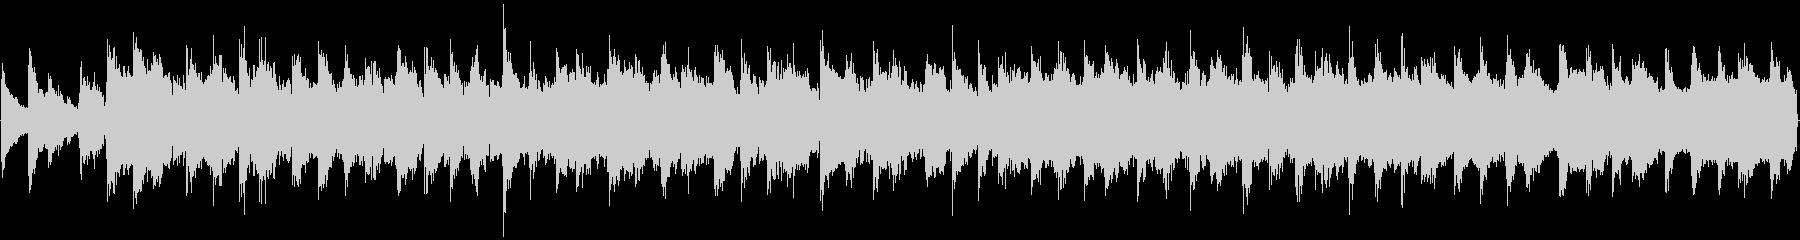 【28秒ループ】ウクレレ+エレクトロ曲の未再生の波形